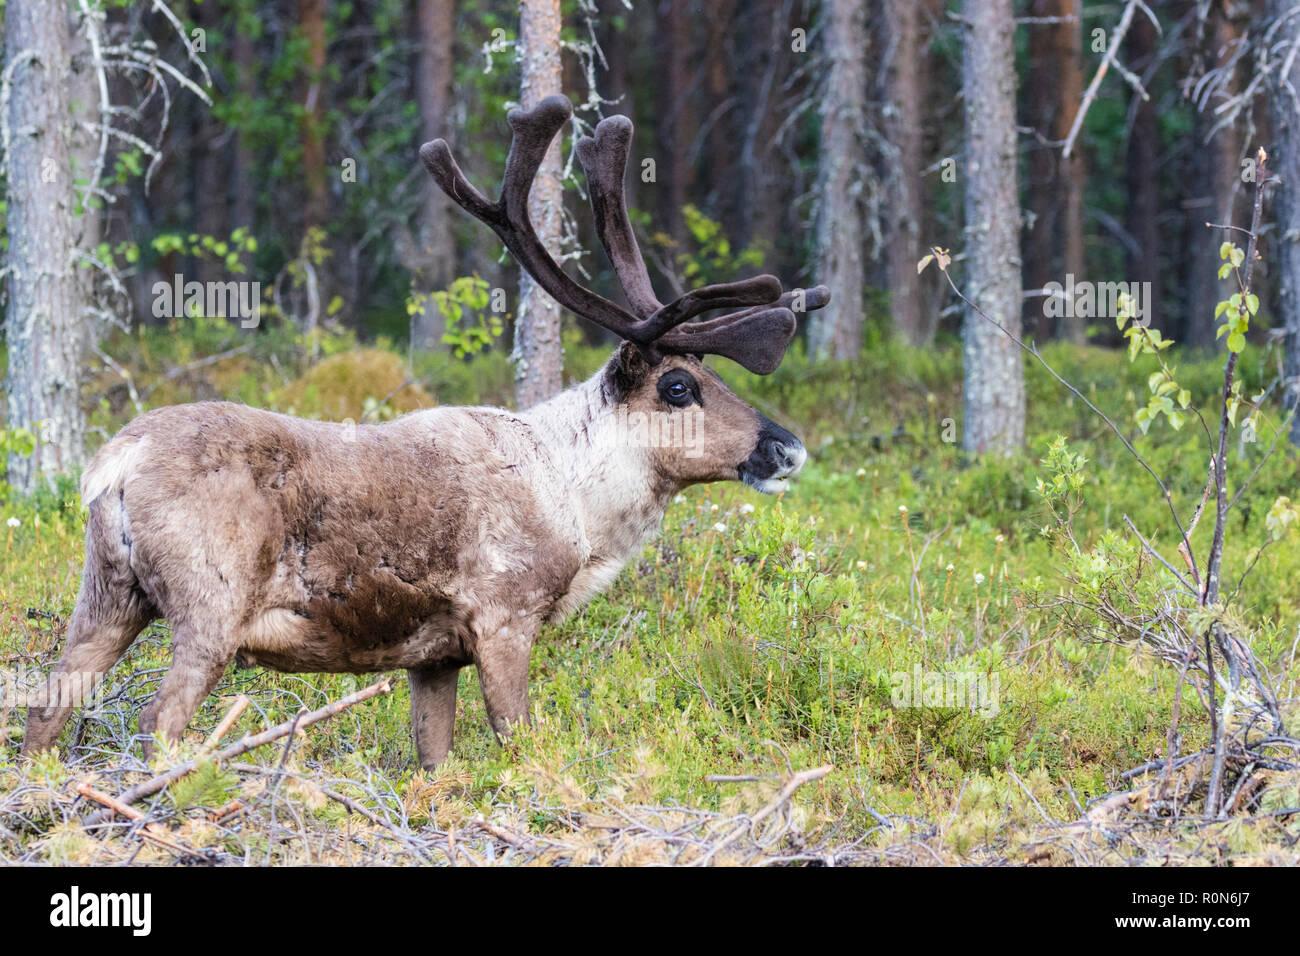 Renne, Rangifer tarandus balade en forêt, la présence de grandes ramures, Gällivare County, en Laponie suédoise, Suède Banque D'Images